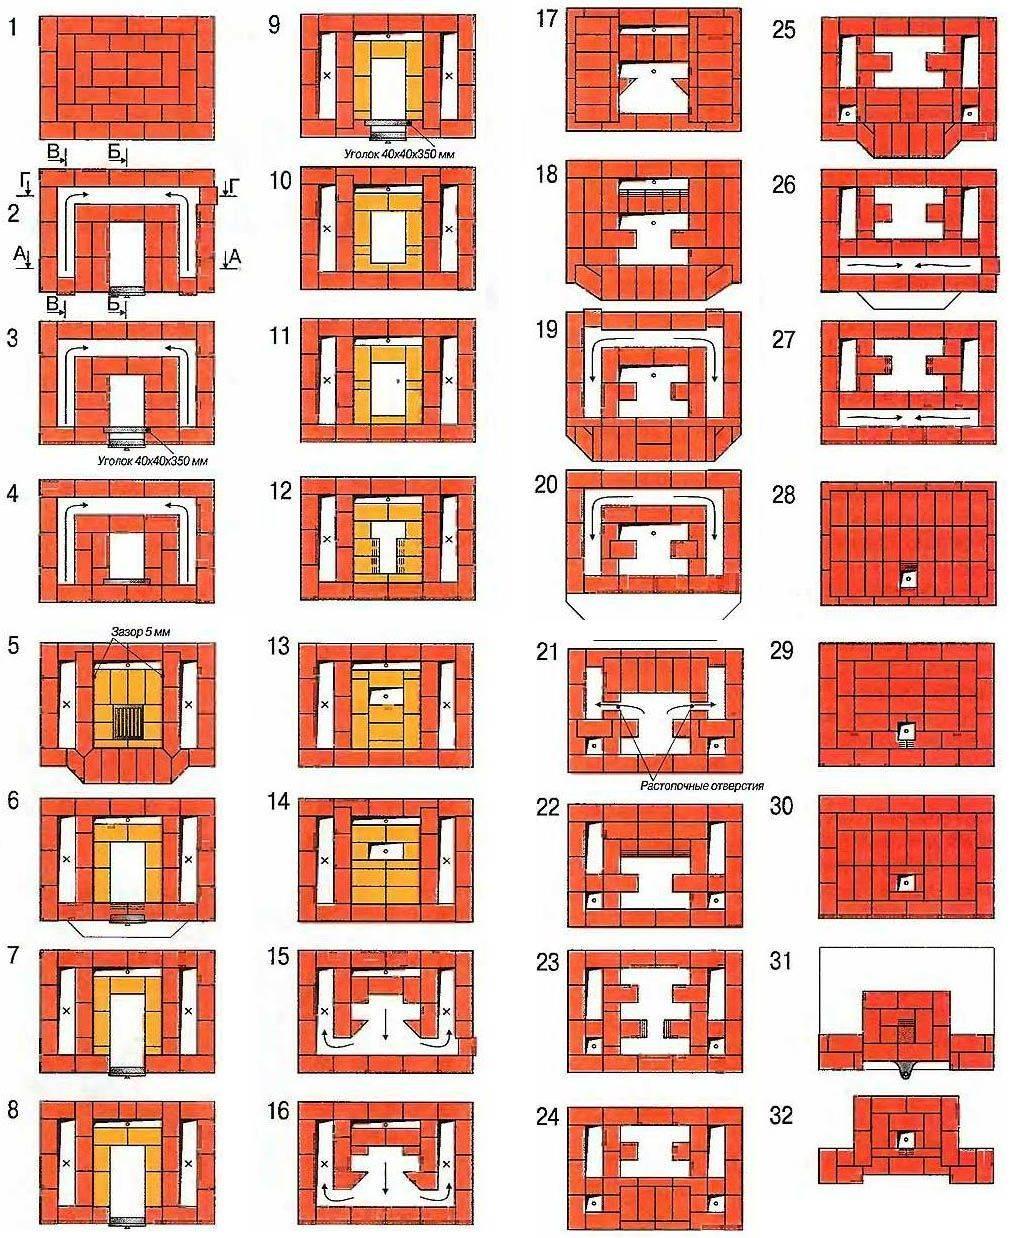 Русская печь своими руками: устройство, чертежи c порядовками, описание кладки